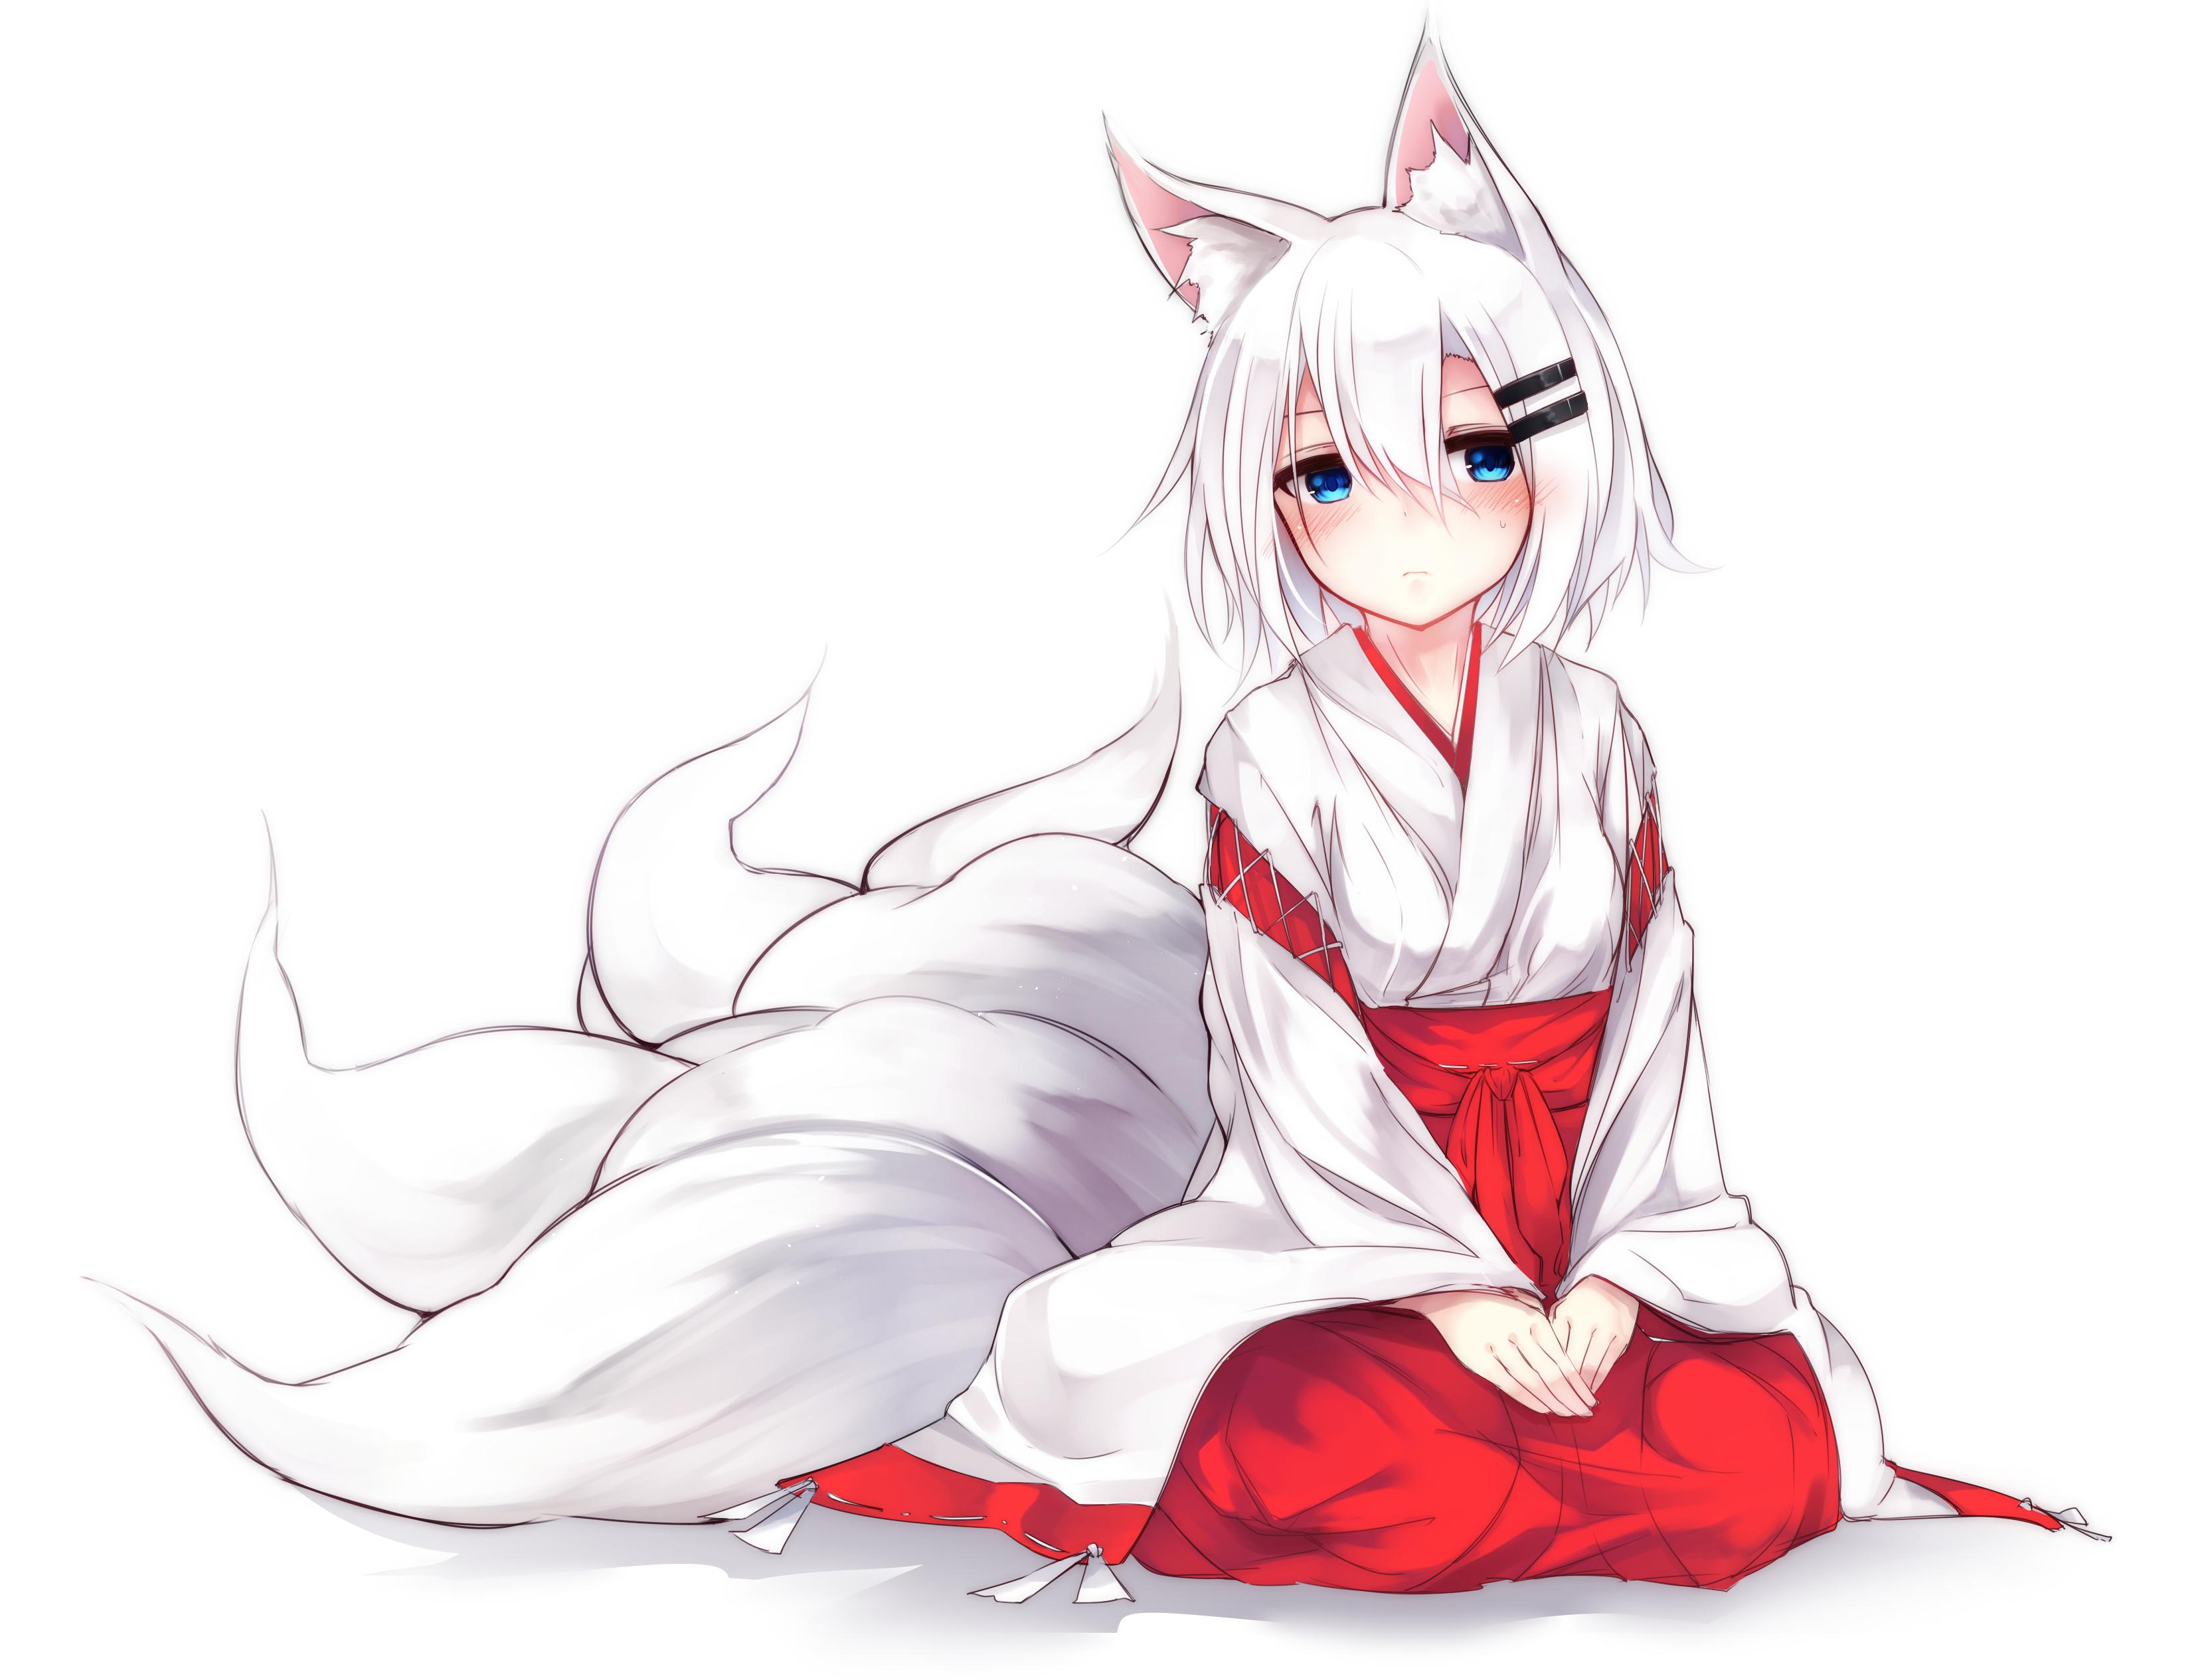 Wallpaper Drawing Illustration White Hair Anime Girls Animal